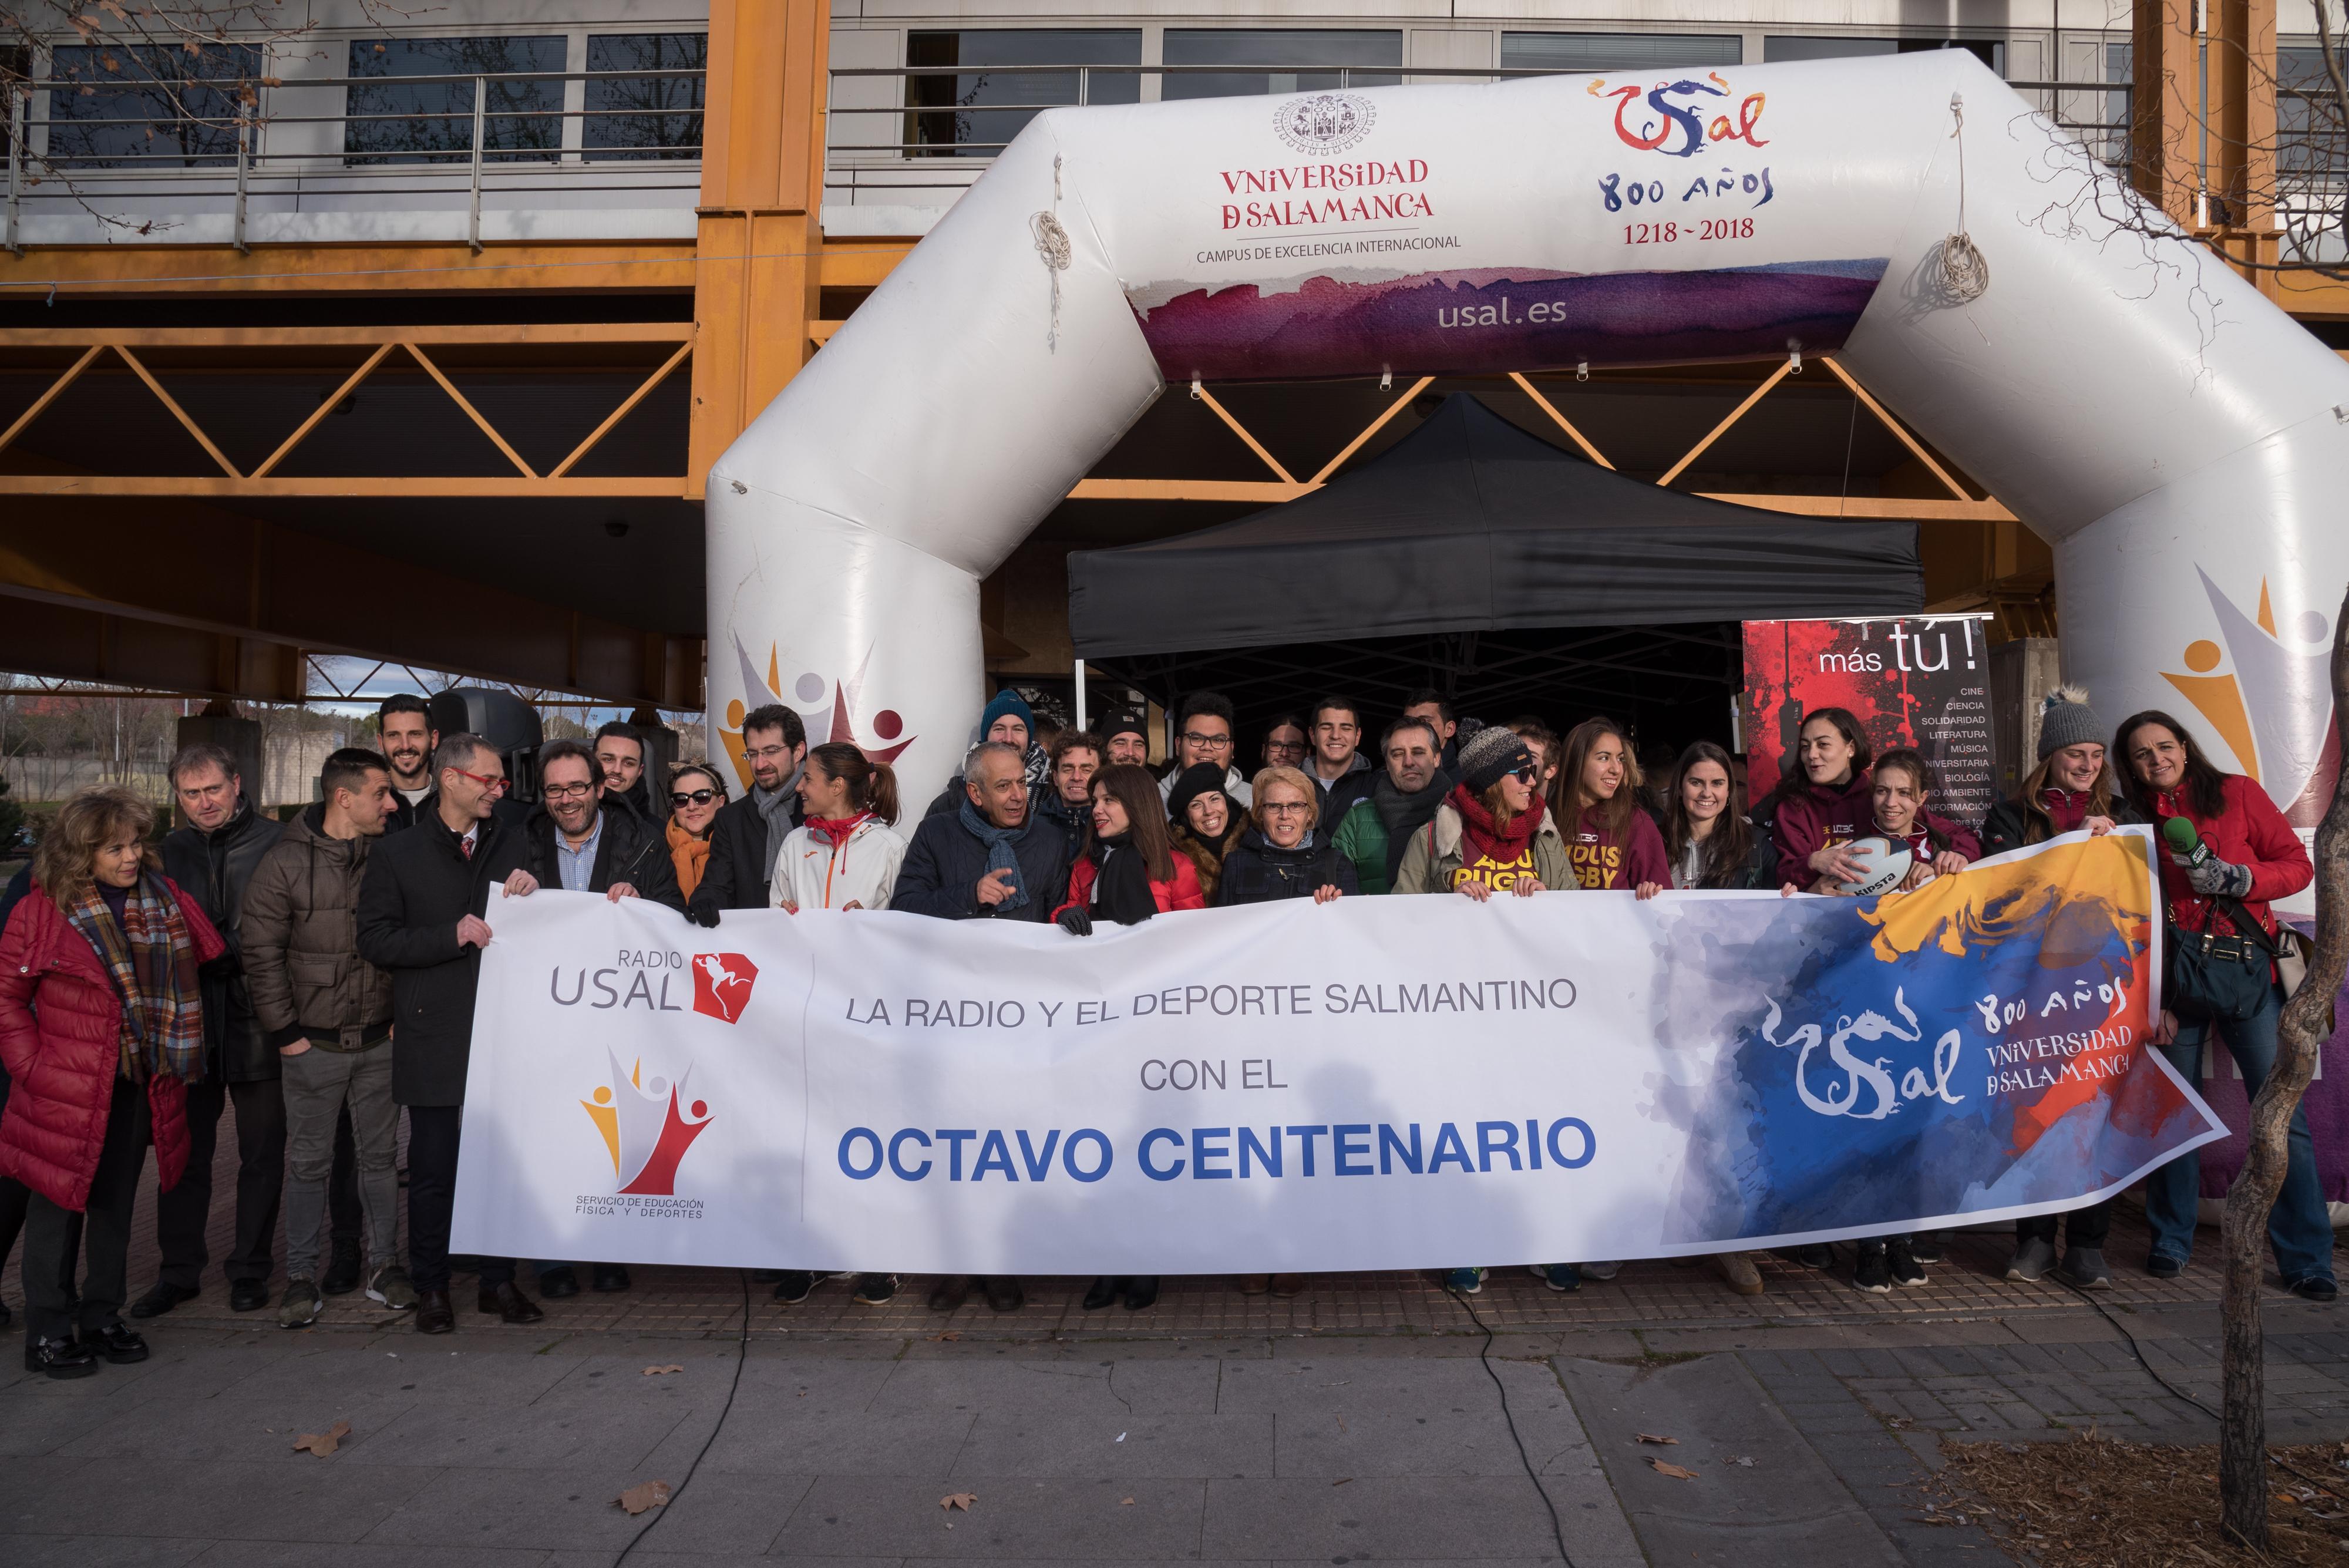 La Universidad de Salamanca conmemora el Día Mundial de la Radio con diferentes actividades en el Campus Unamuno